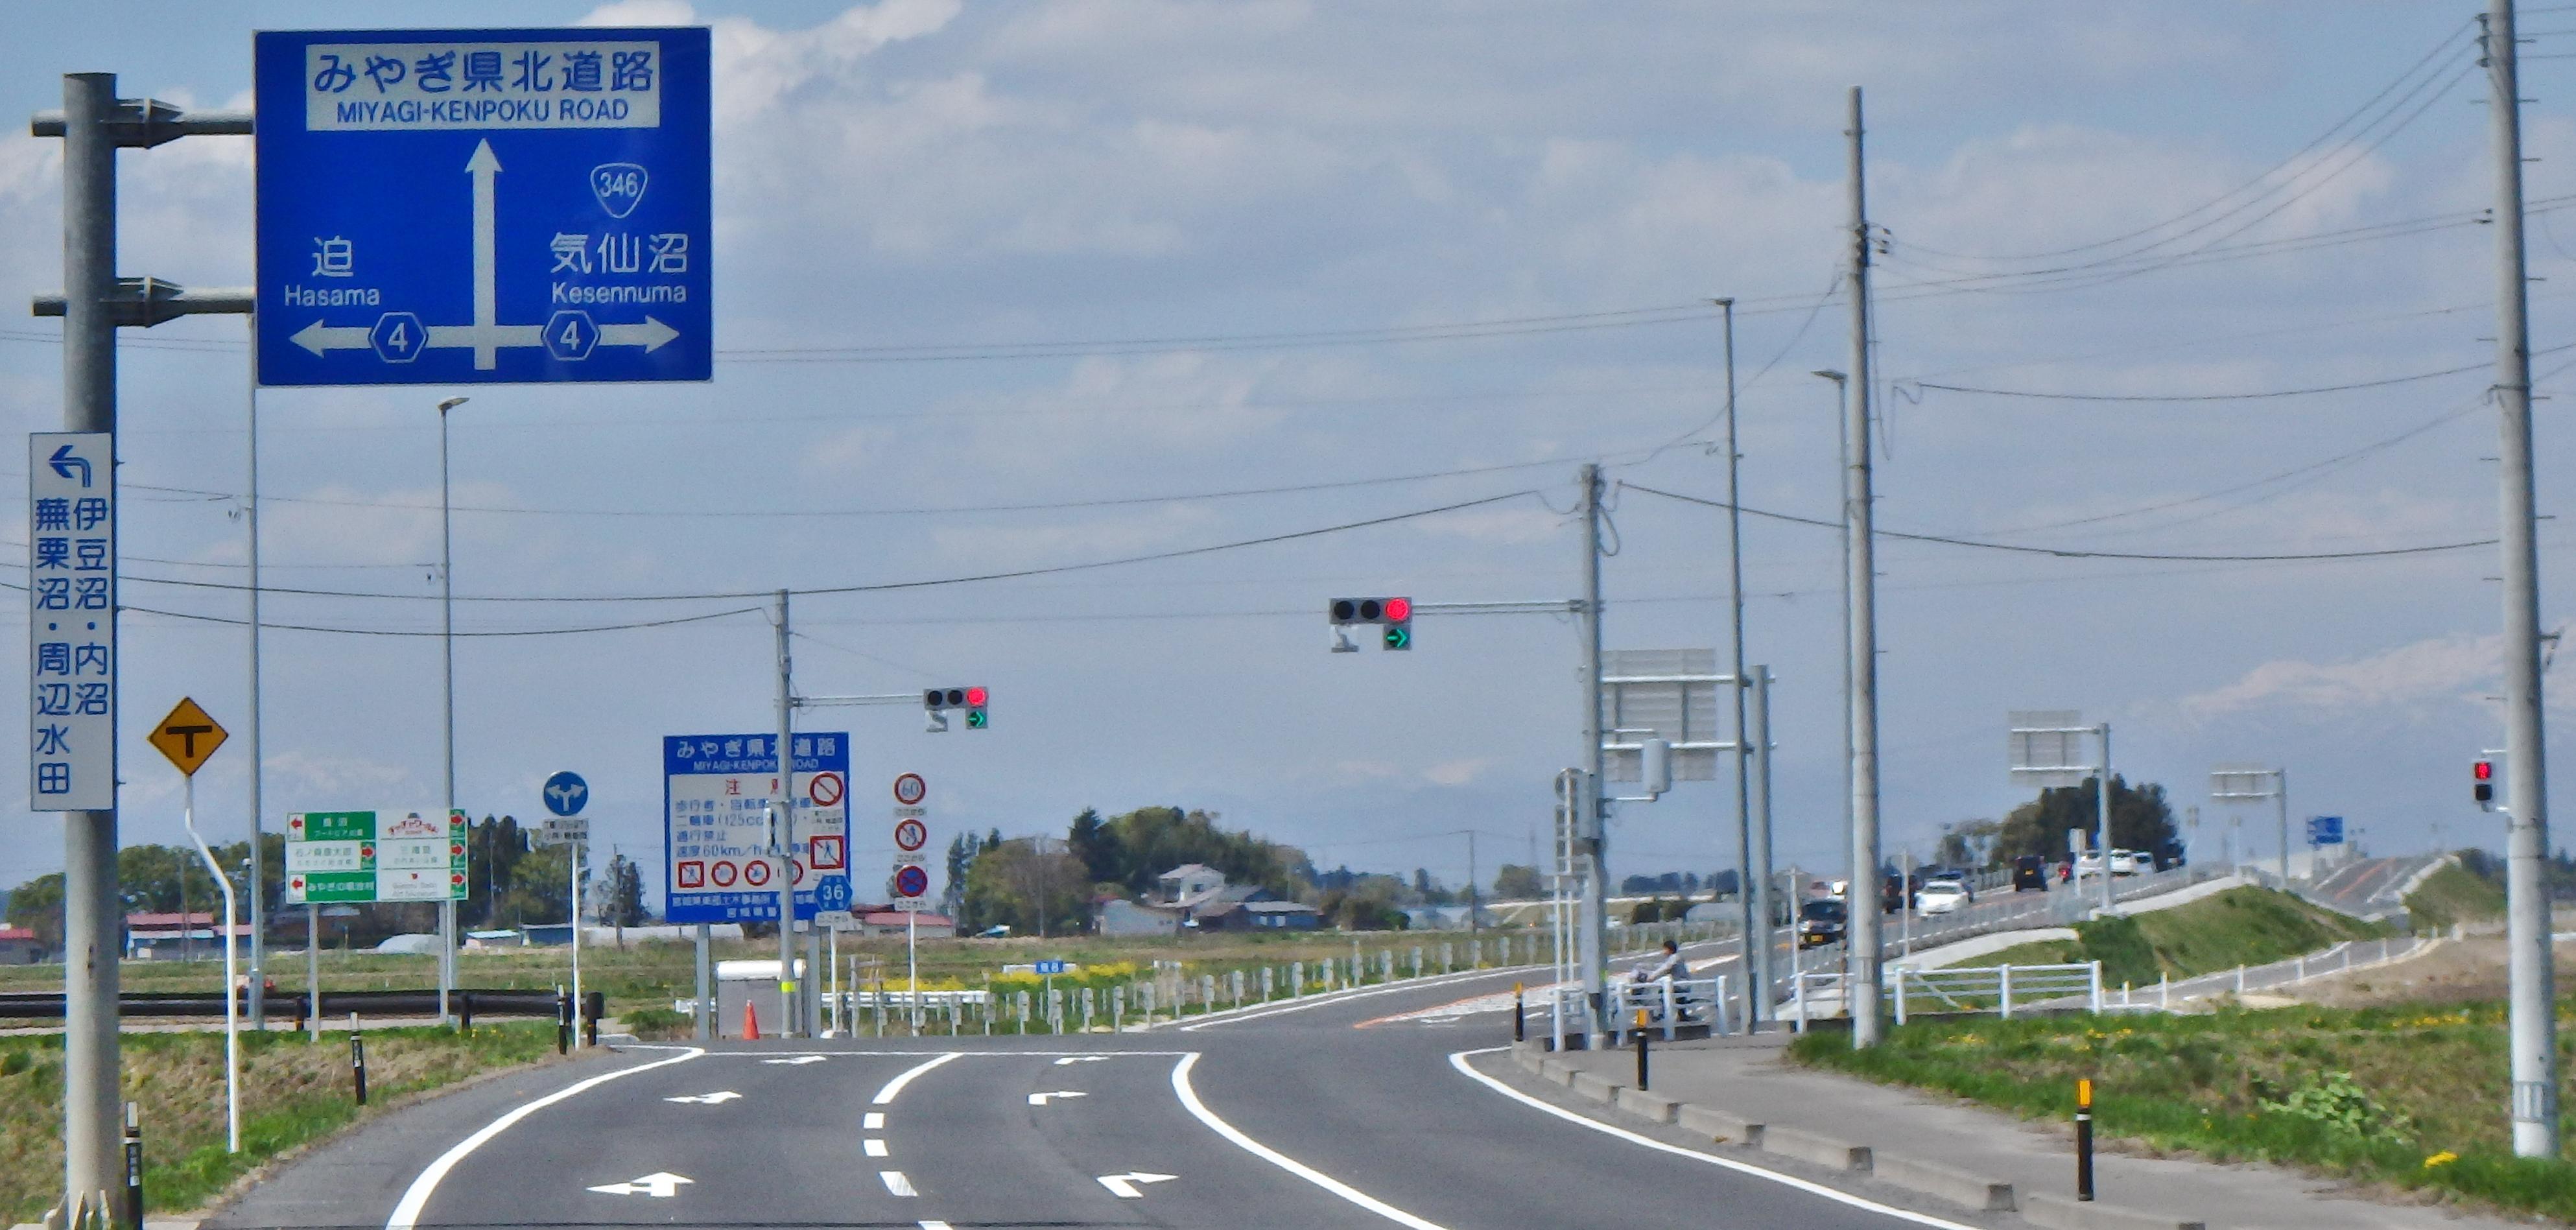 みやぎ 県 北 高速 幹線 道路